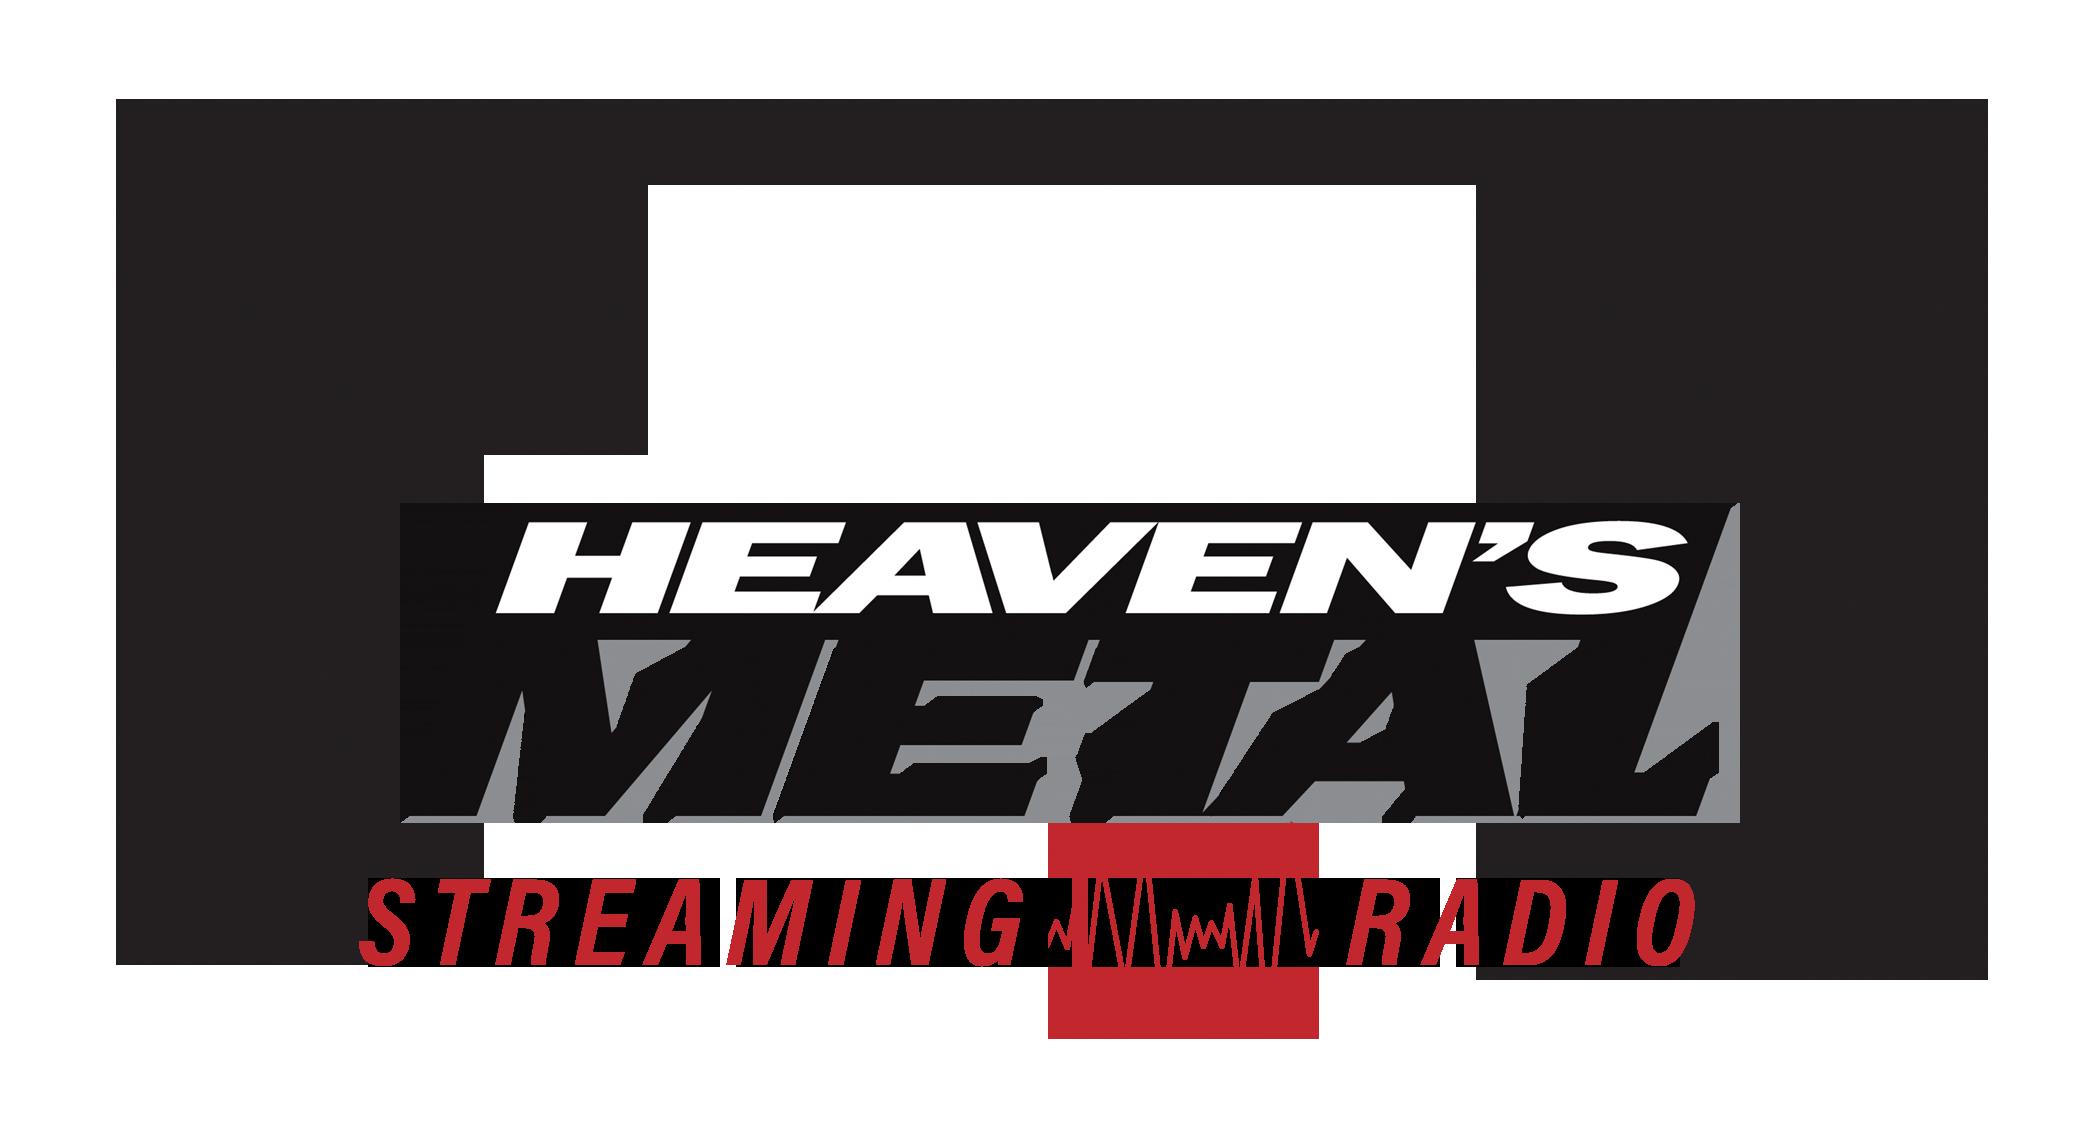 Art for HMSR ID 4 by Heavens Metal Rado ID